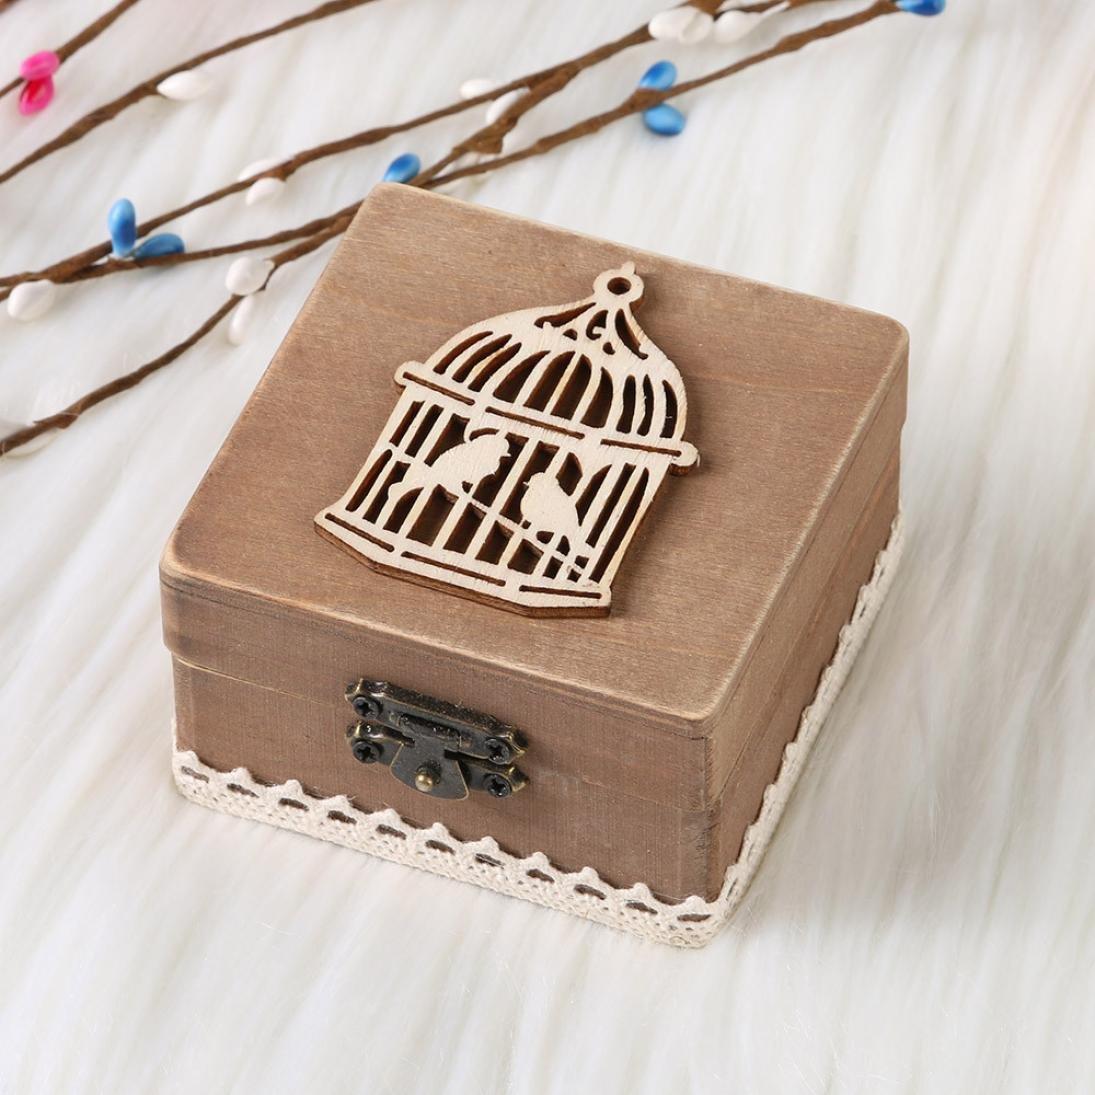 Caja de Slmacenamiento, Personalizada retro boda anillo caja titular mal elegante rústico de madera caja del portador LMMVP (B, Mostrar como la imagen): ...